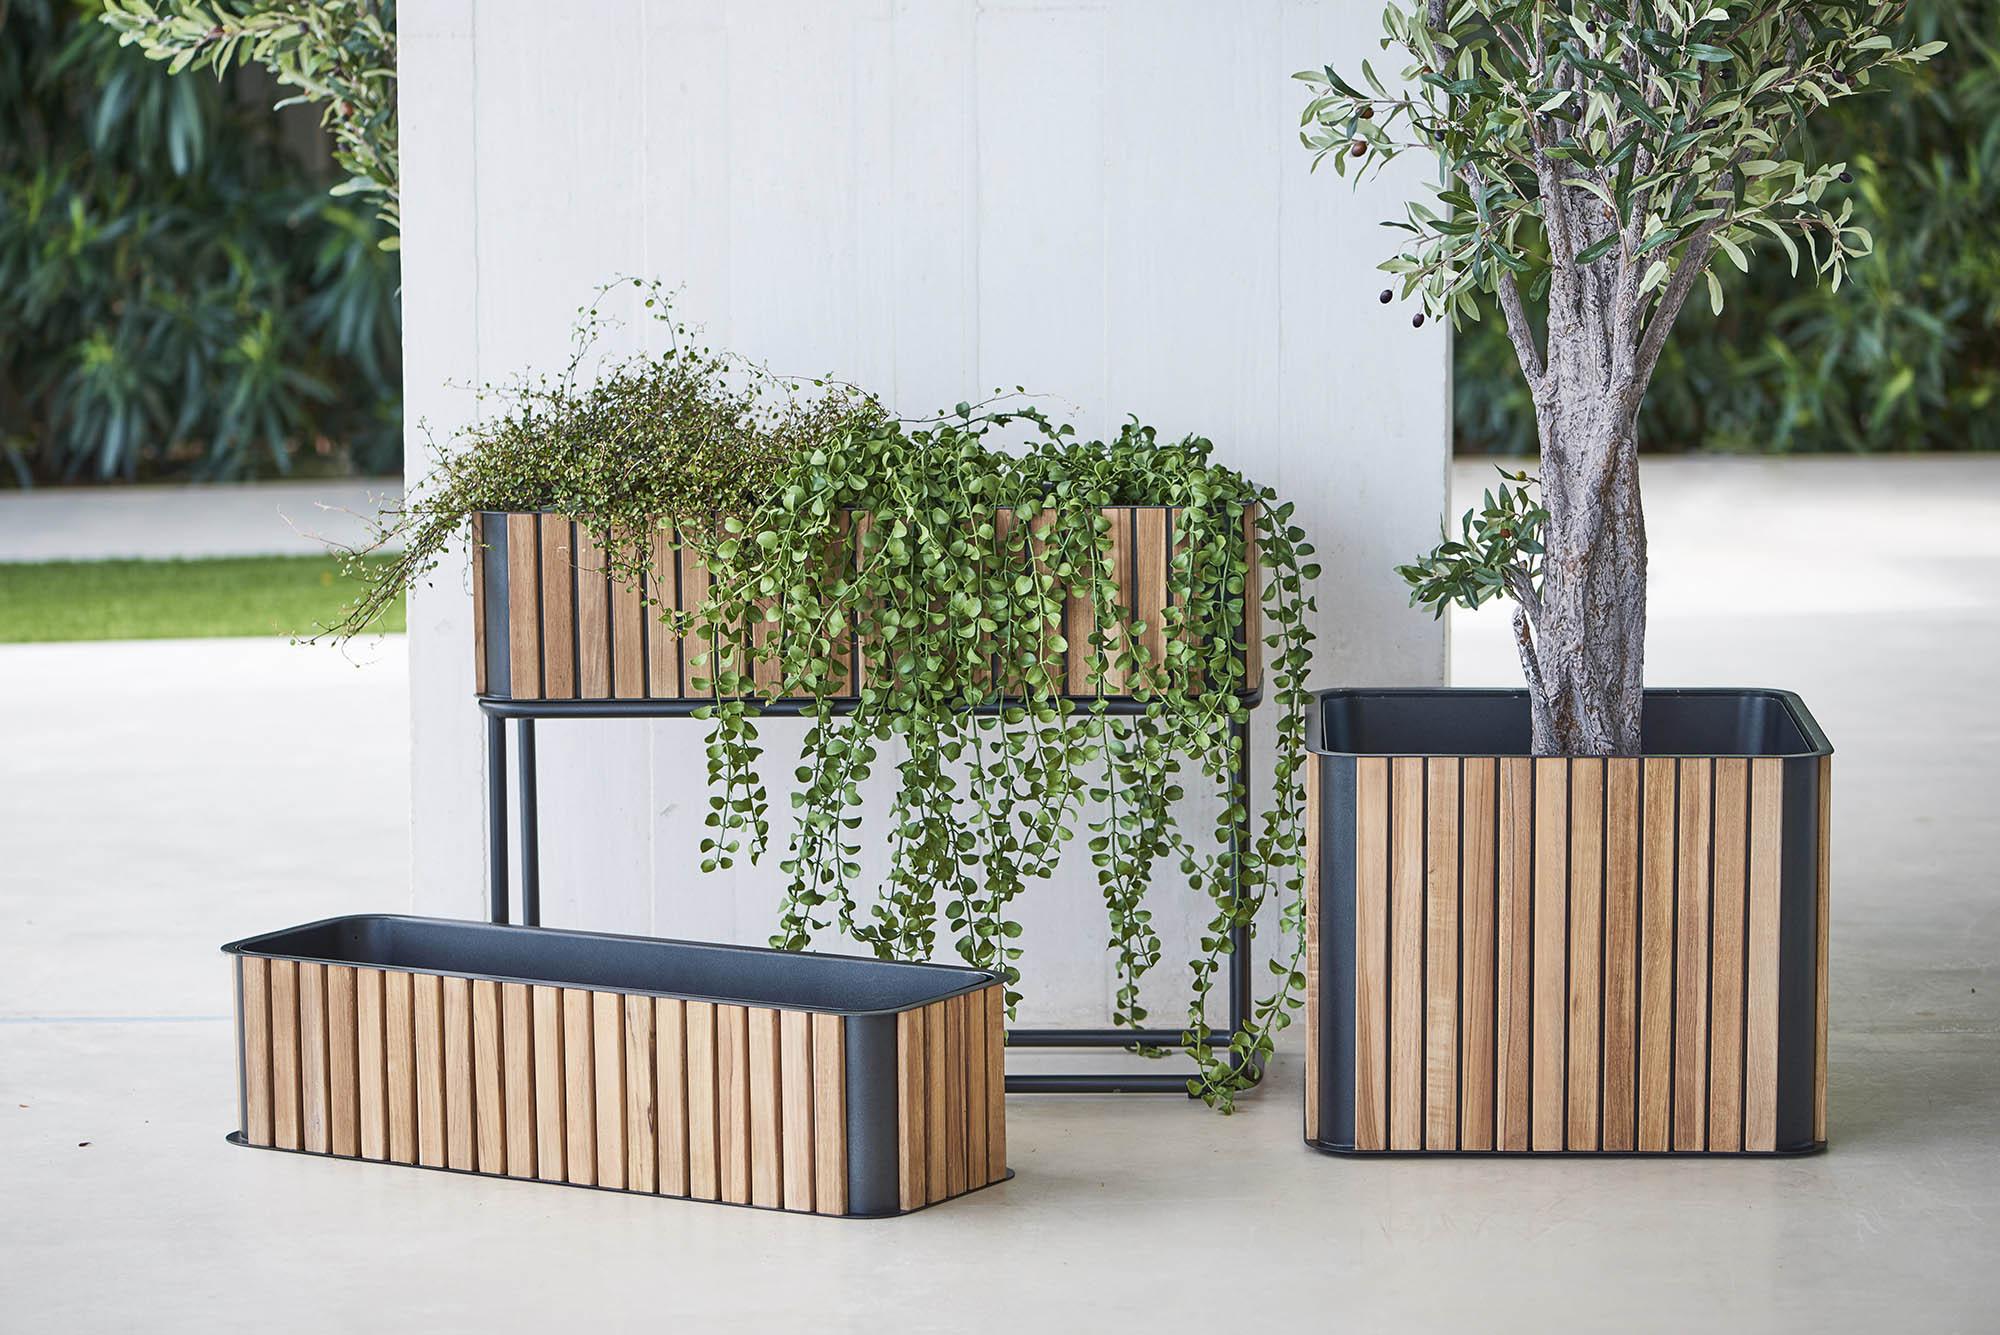 Miljöbild av Flowerbox planteringskärl från Cane-Line i aluminium och teak.